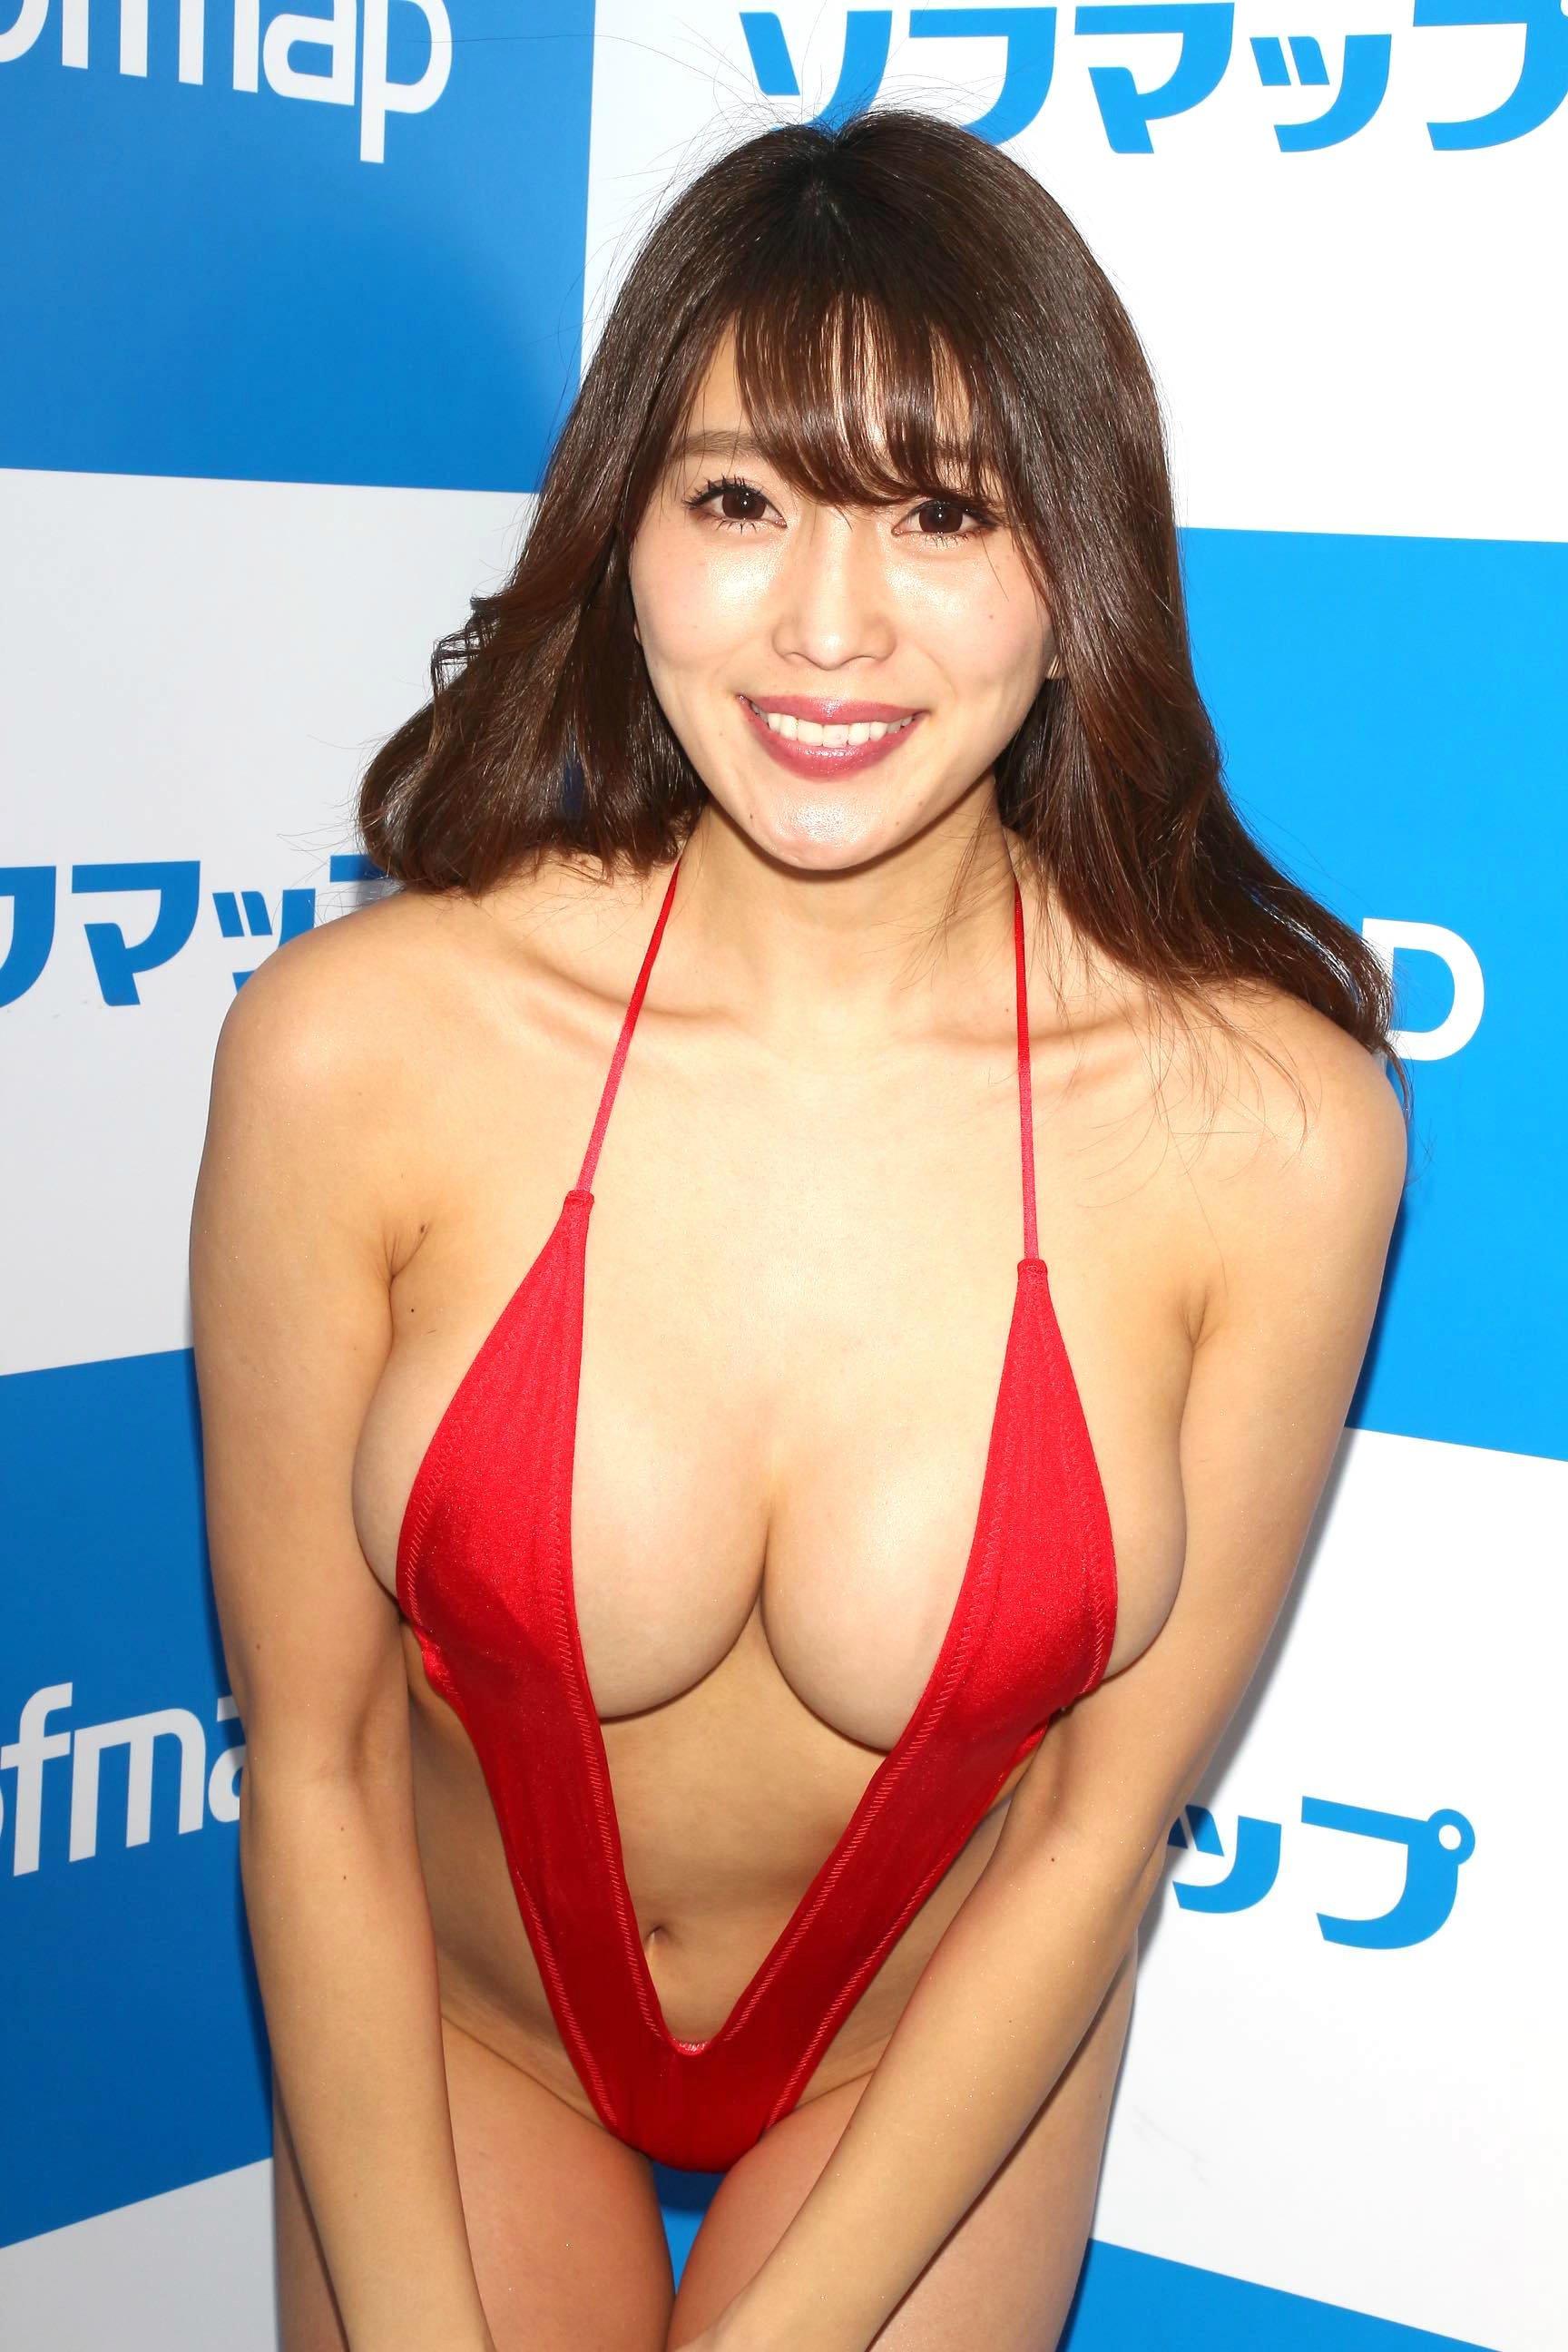 森咲智美「下乳も横乳も谷間も」超Vレグで全開に!【写真21枚】の画像016